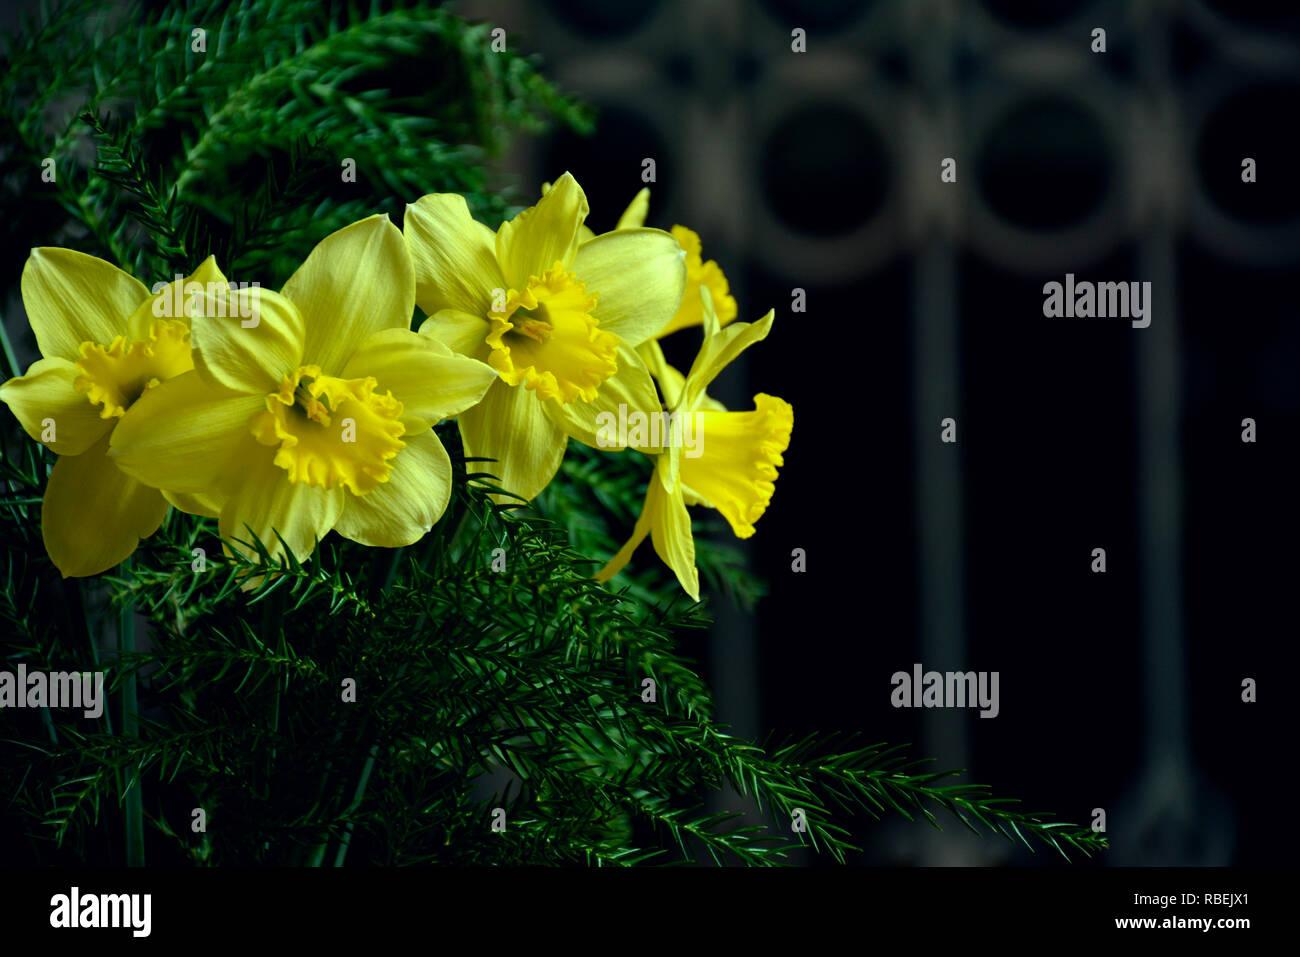 Fiori Giallo Verdognoli A Grappolo.Giallo Narciso Narcissus Poeticus Grappolo Di Primavera